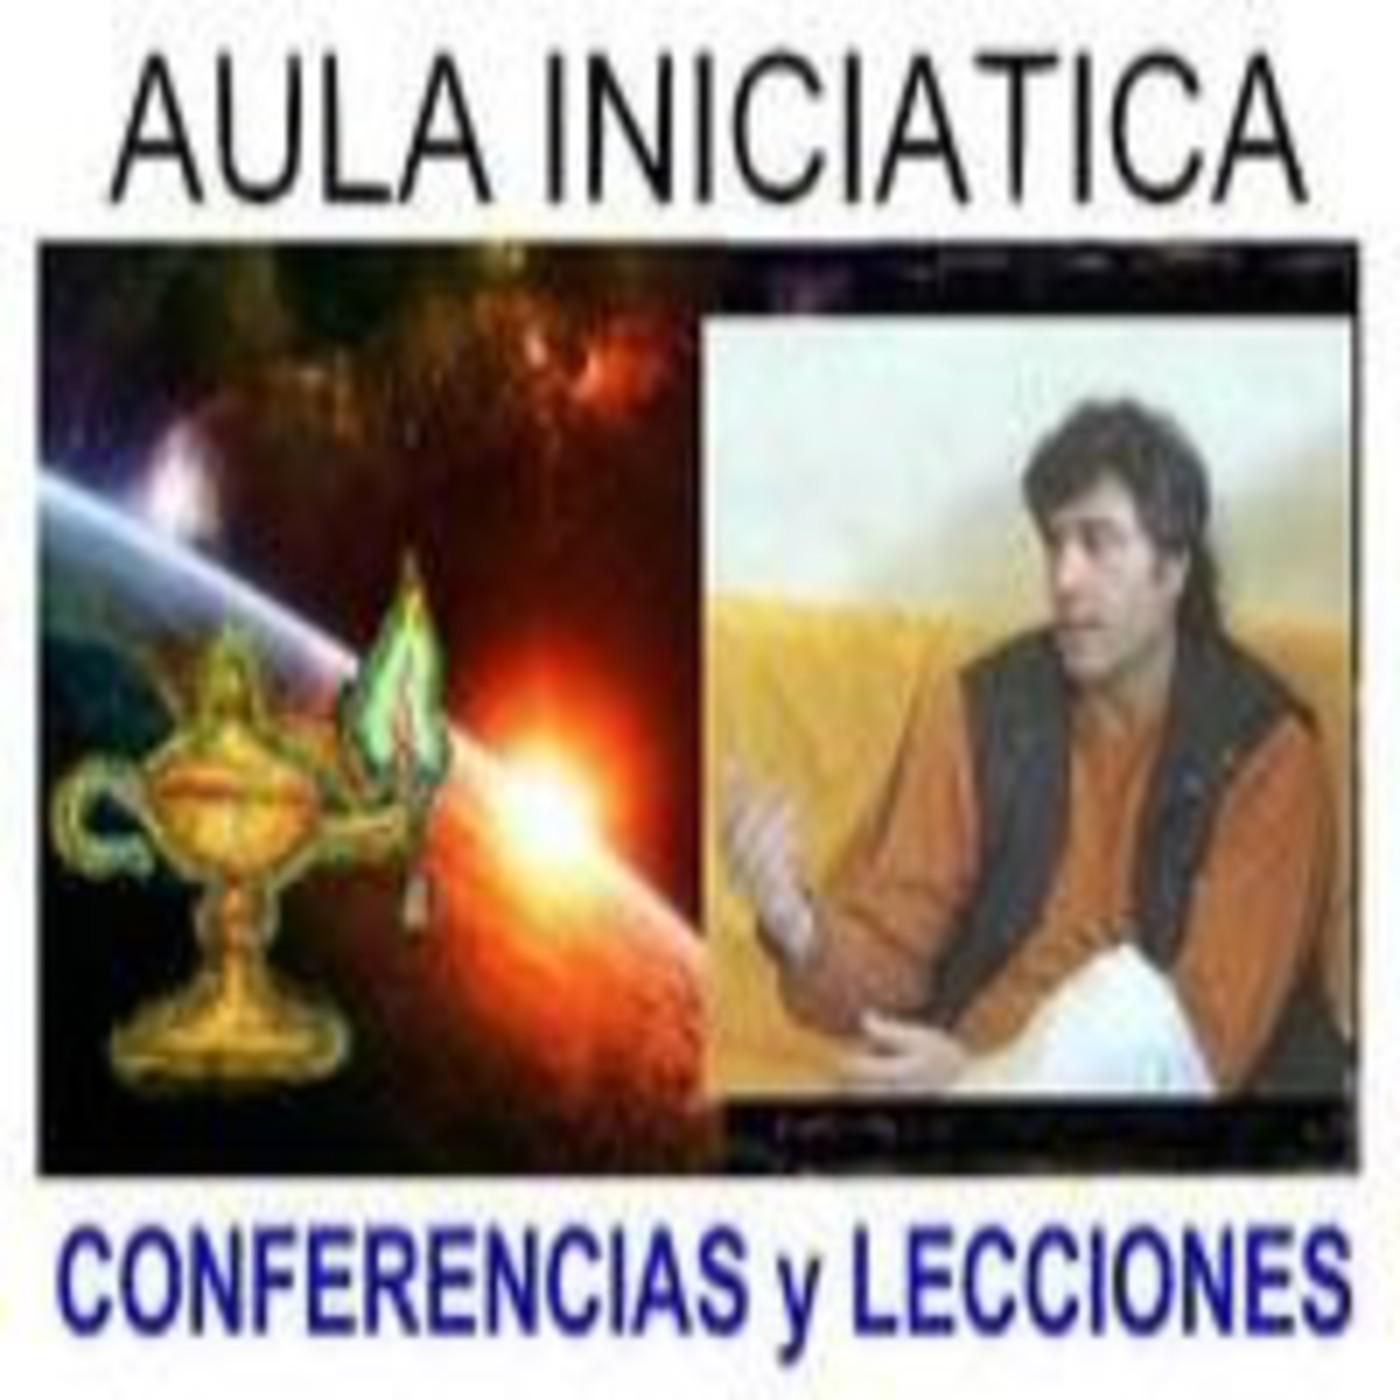 IMPORTANCIA de LA ATENCION INTERIOR DE SER - AUTOCONCIENCIA por Juan Francisco / shailam